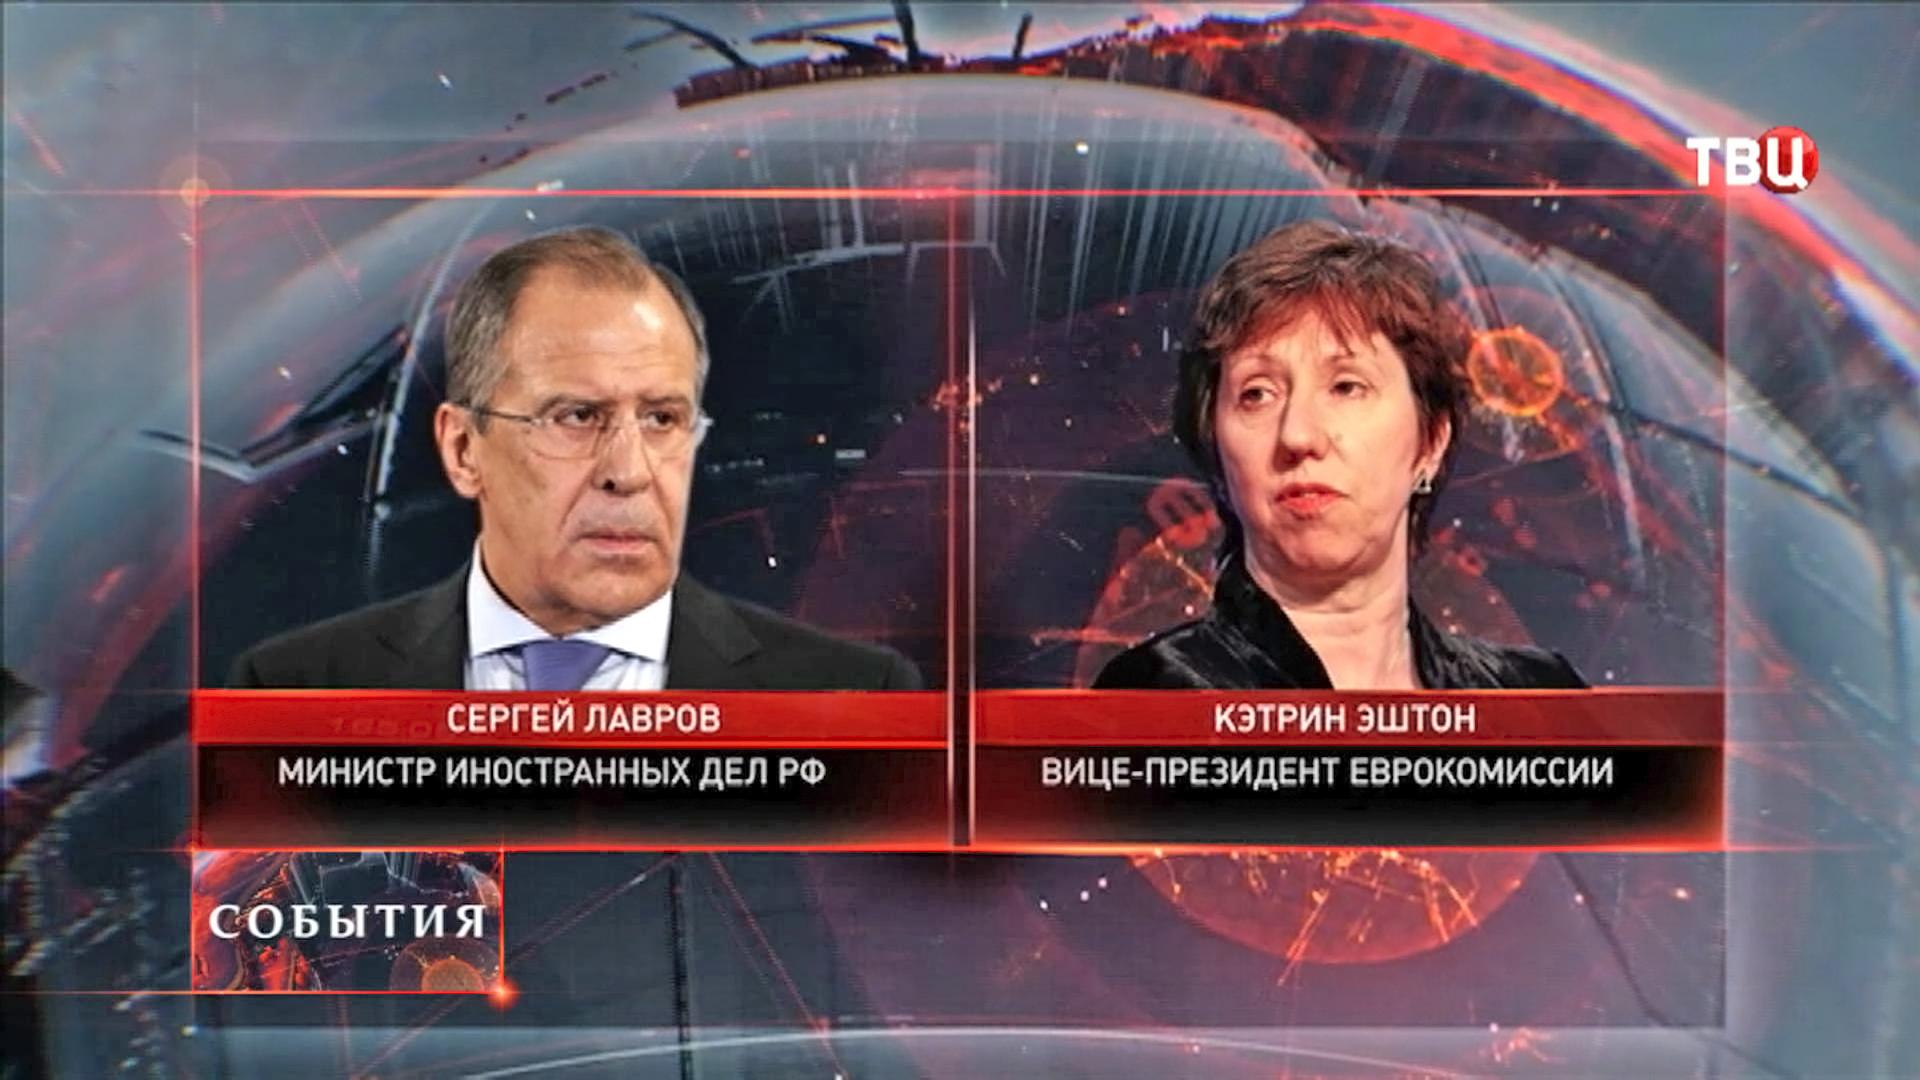 Министр иностранных дел РФ Сергей Лавров и вице-президент Еврокоммиссии Кэтрин Эштон